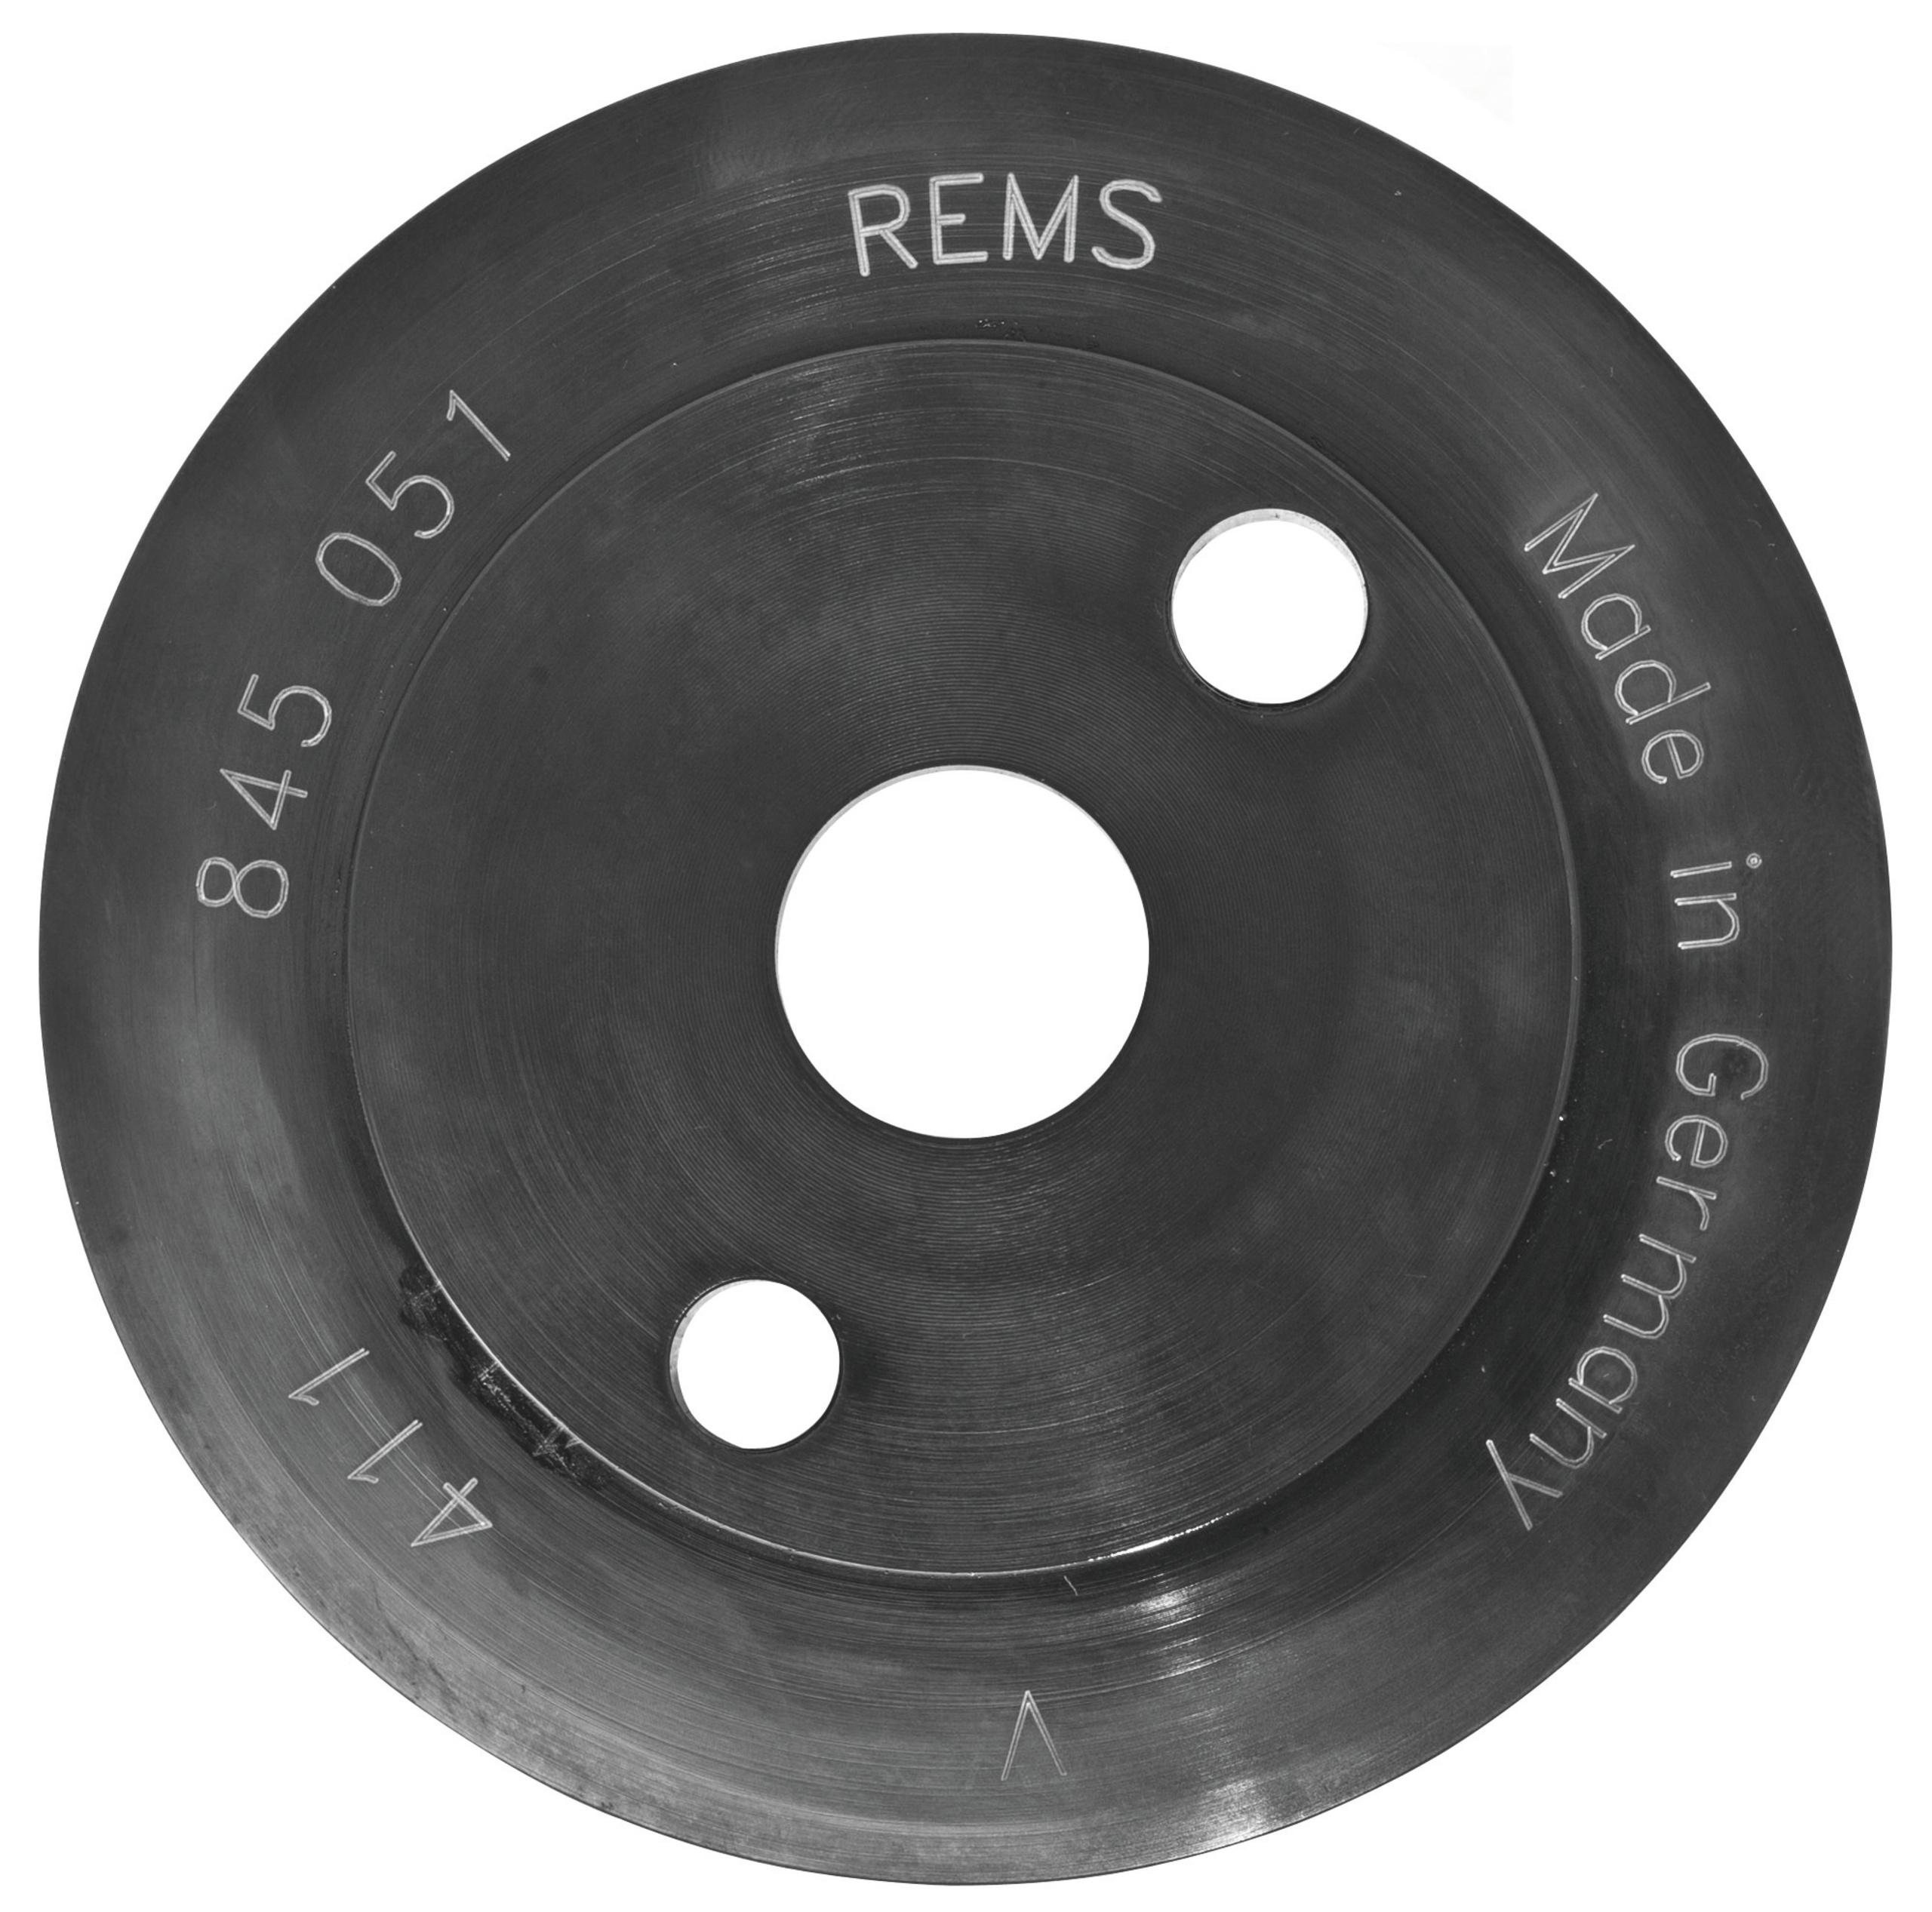 <br/>REMS cutter wheel V